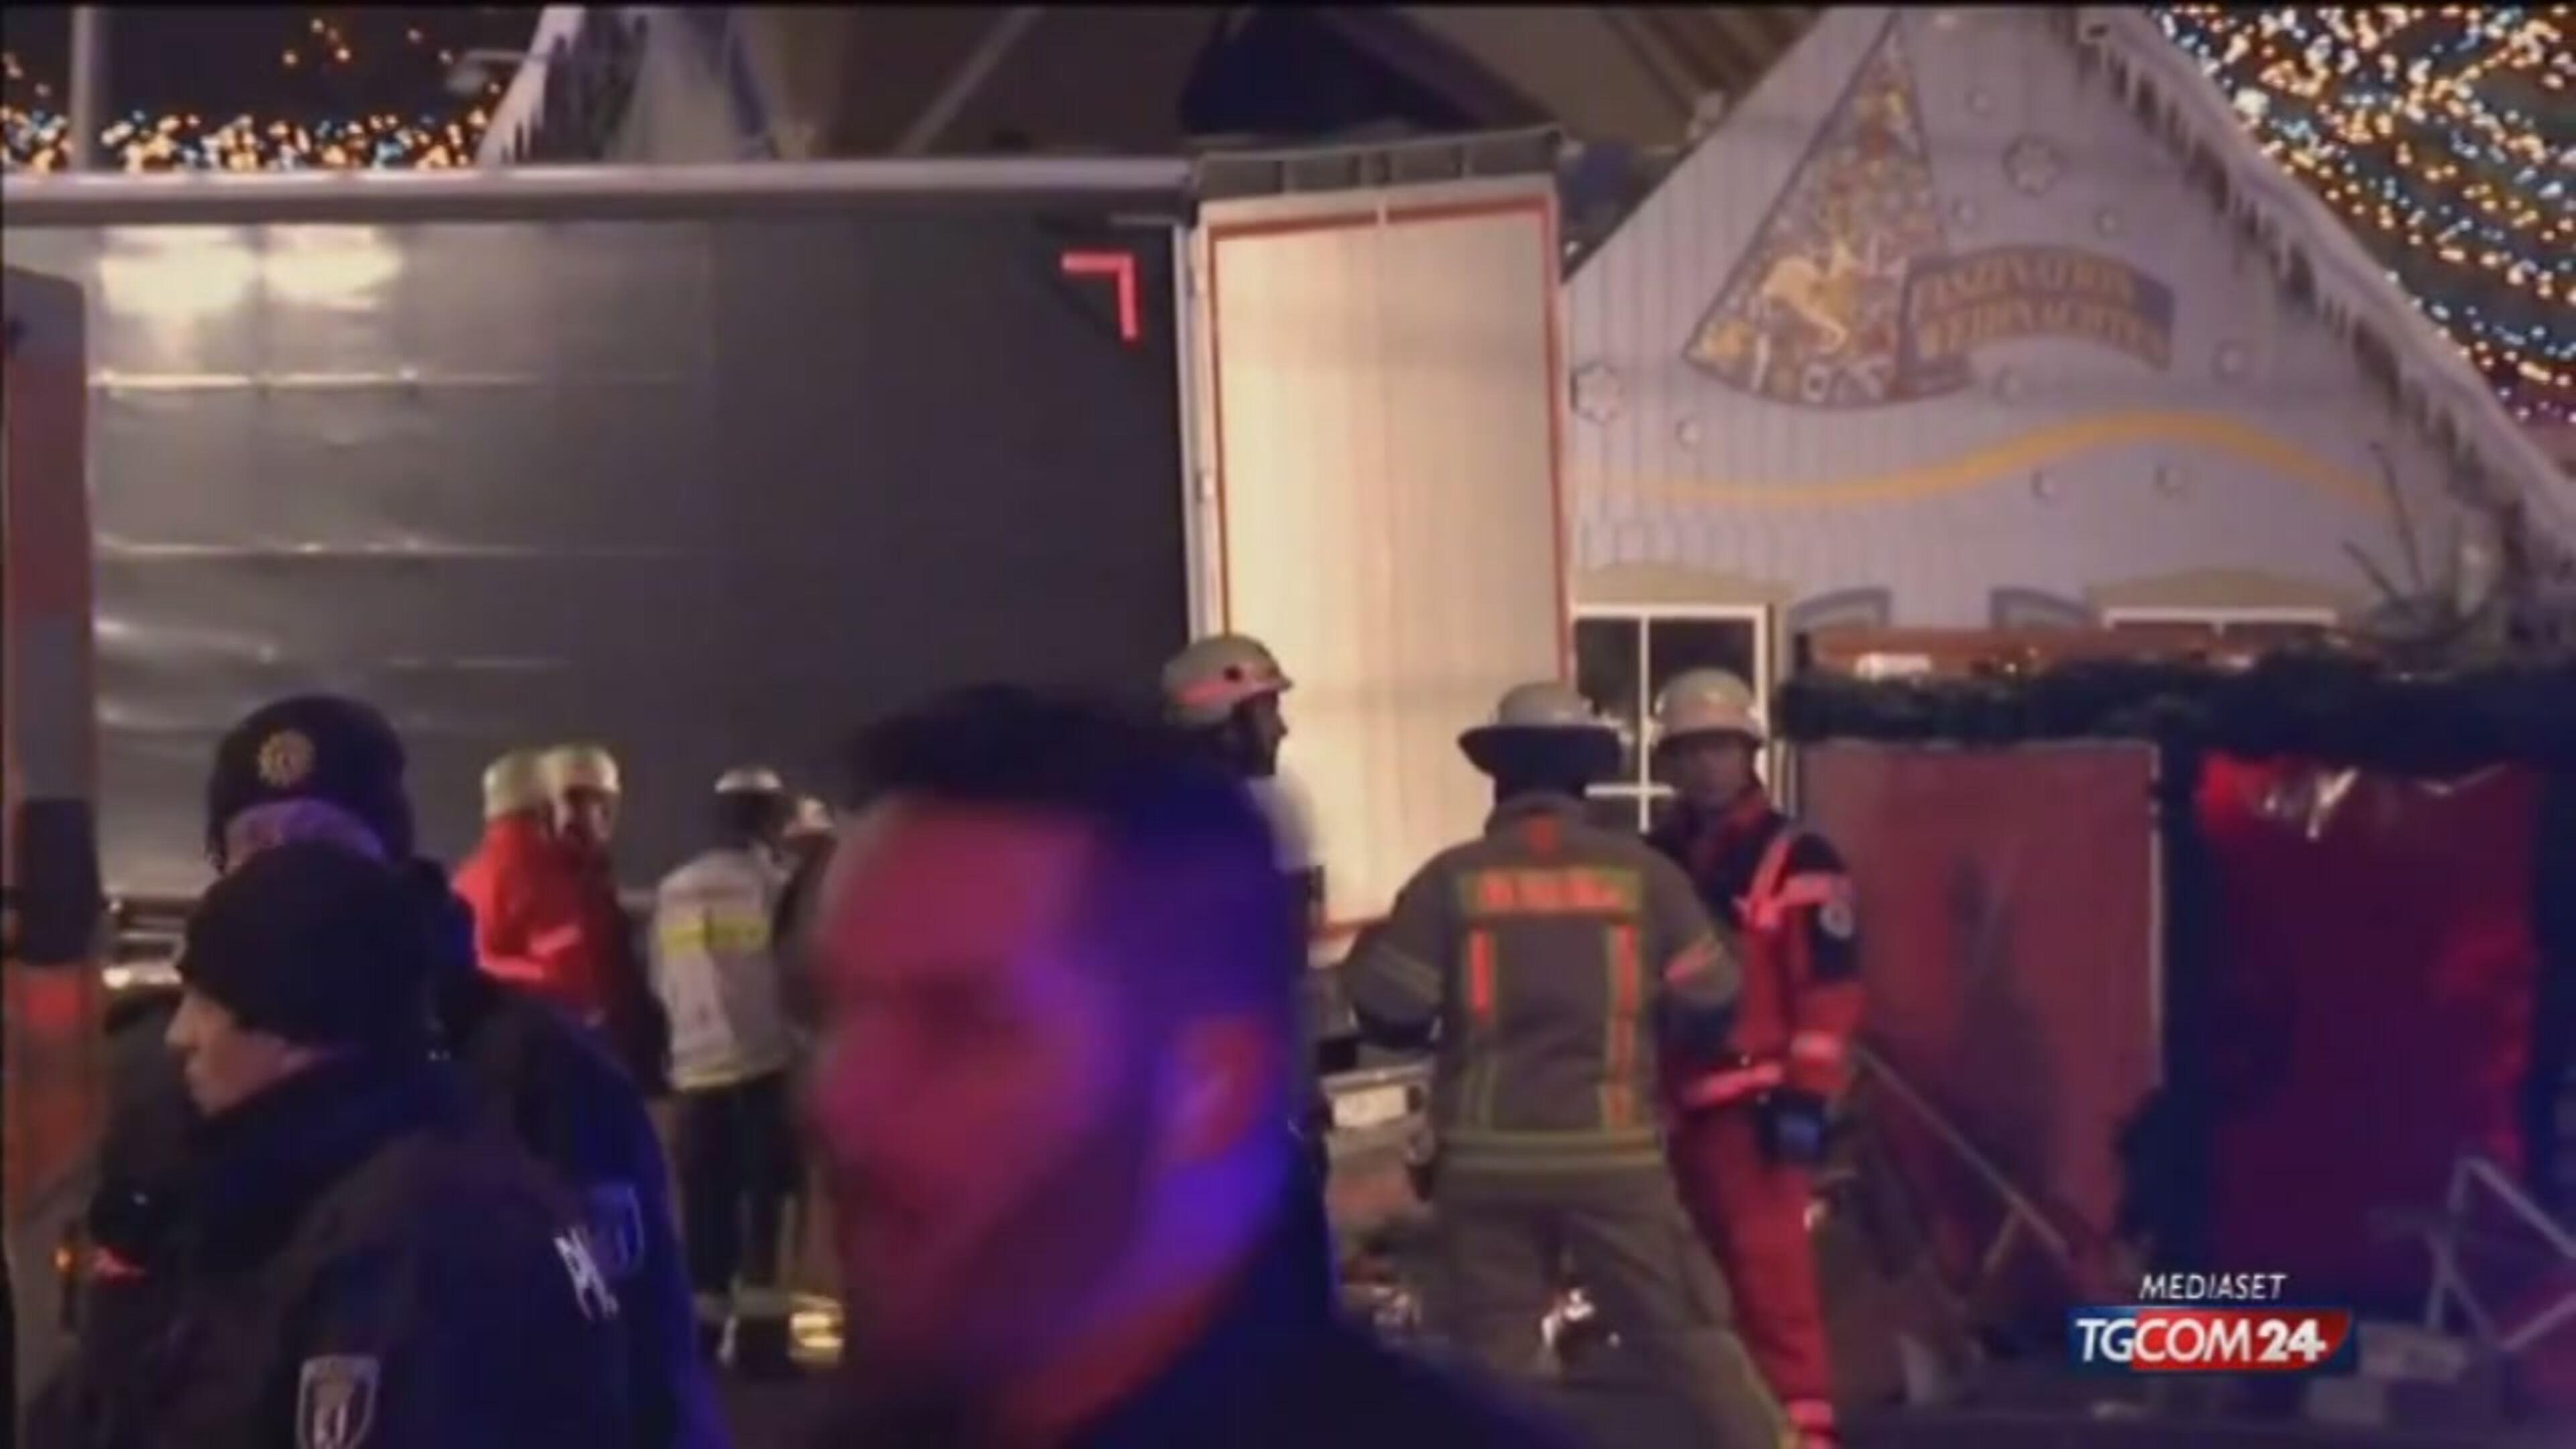 Vittime dell'attentato di Amri, la Germania aiuterà le famiglie